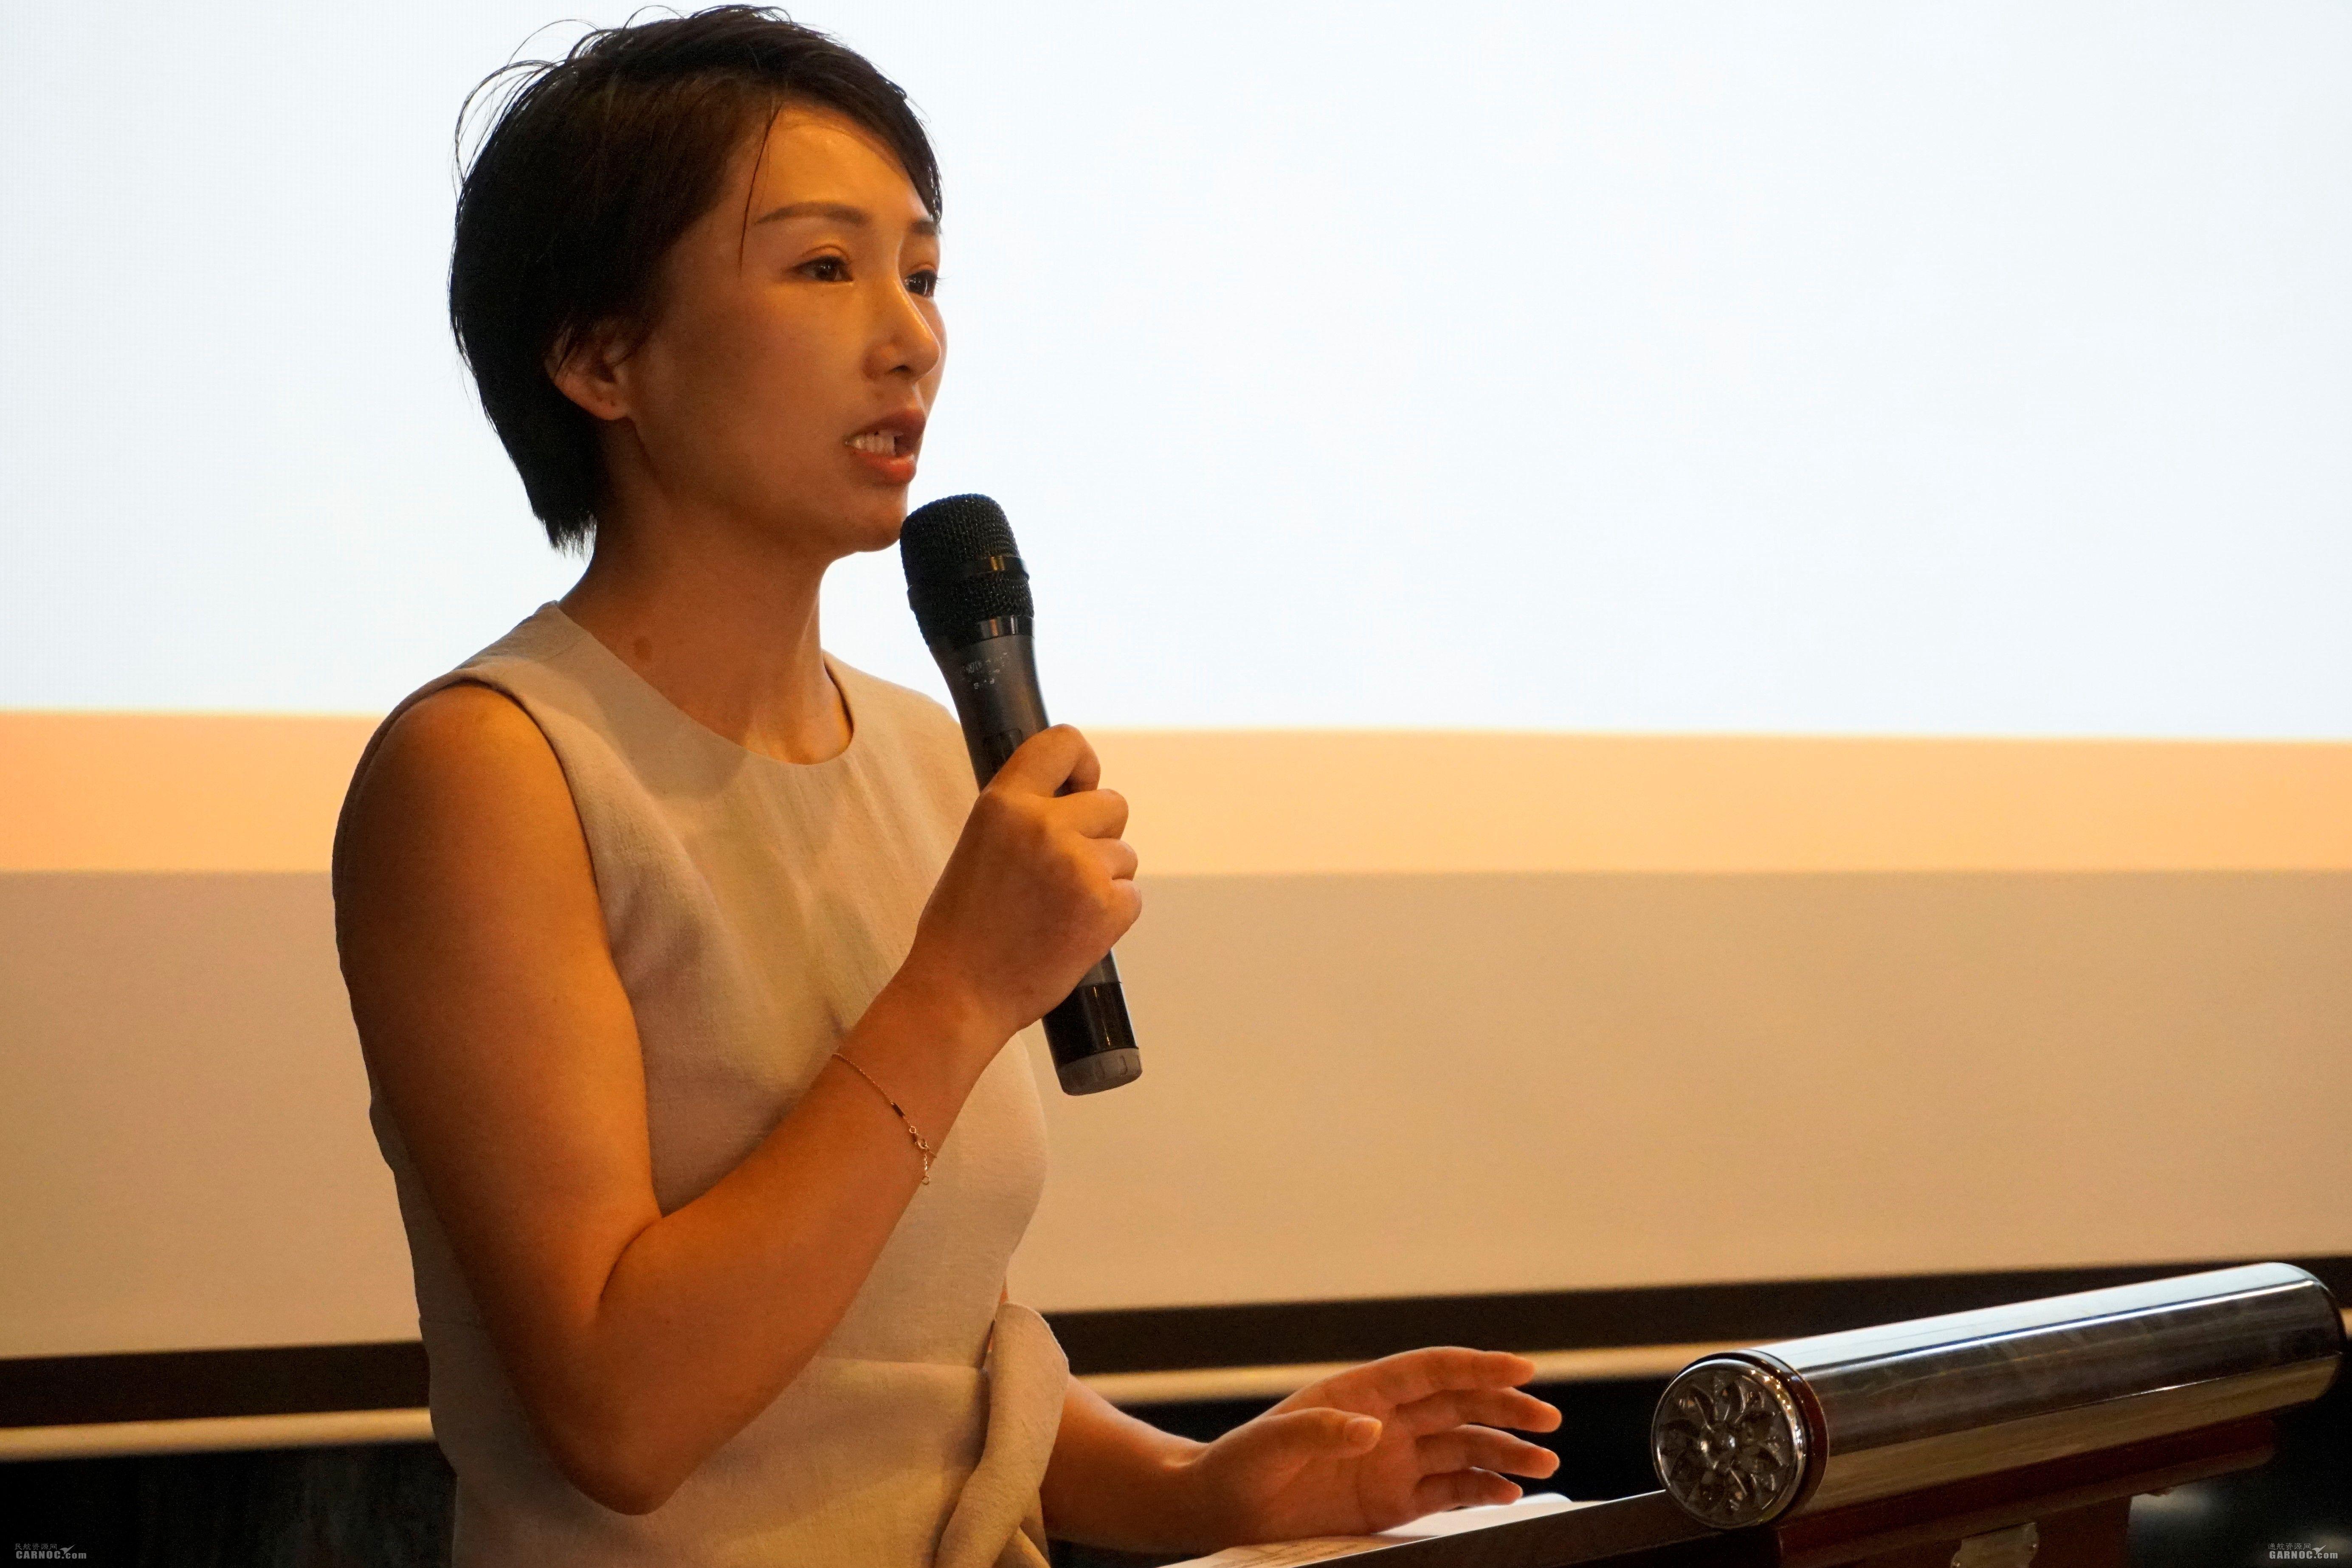 北京商务航空协会副秘书长周丽媛